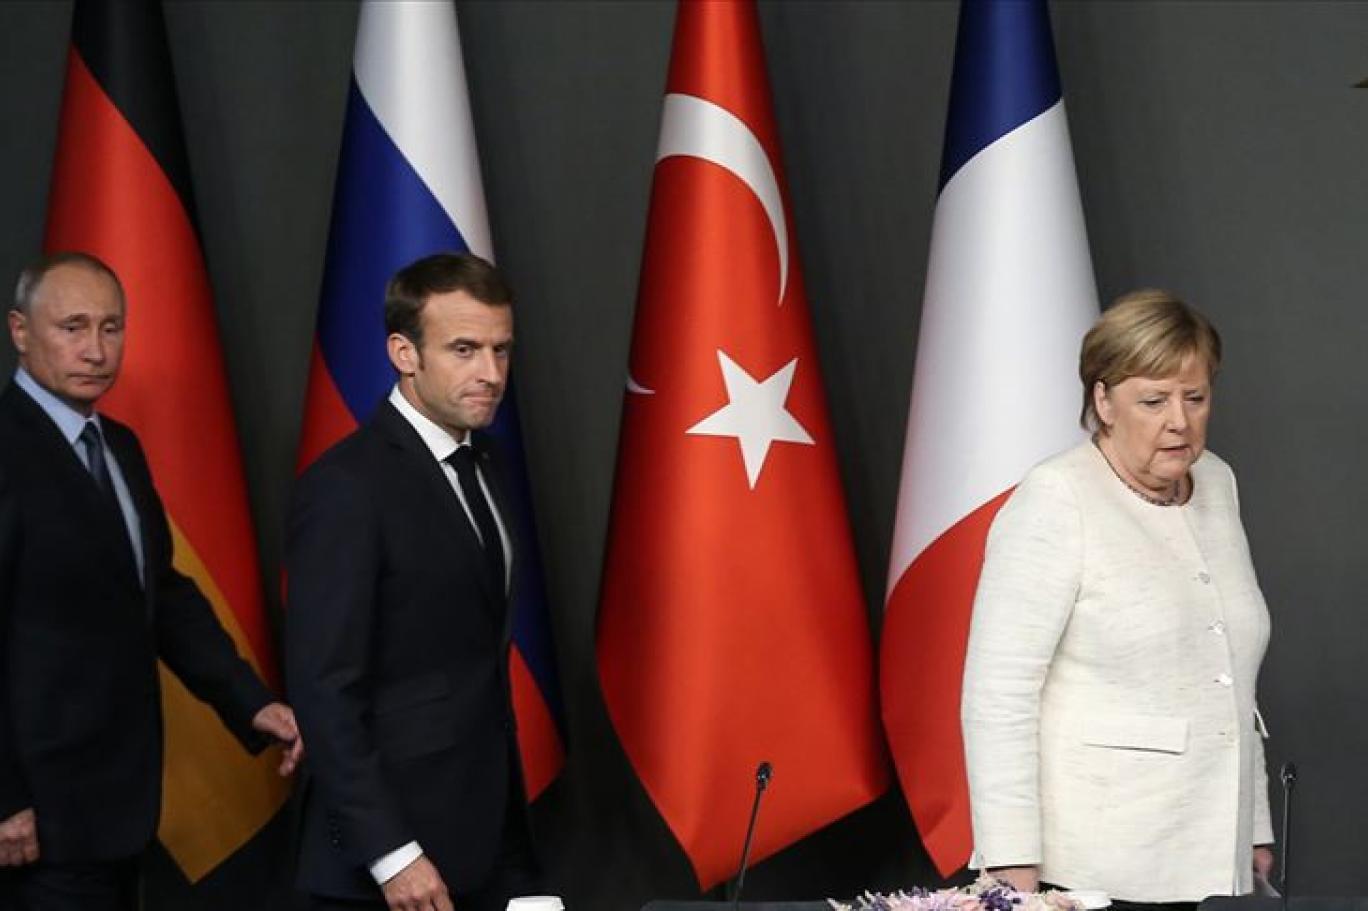 Macron ve Merkel'den 'Dörtlü İstanbul Zirvesi' çağrısı: İdlib'de insani felaket yaşanıyor